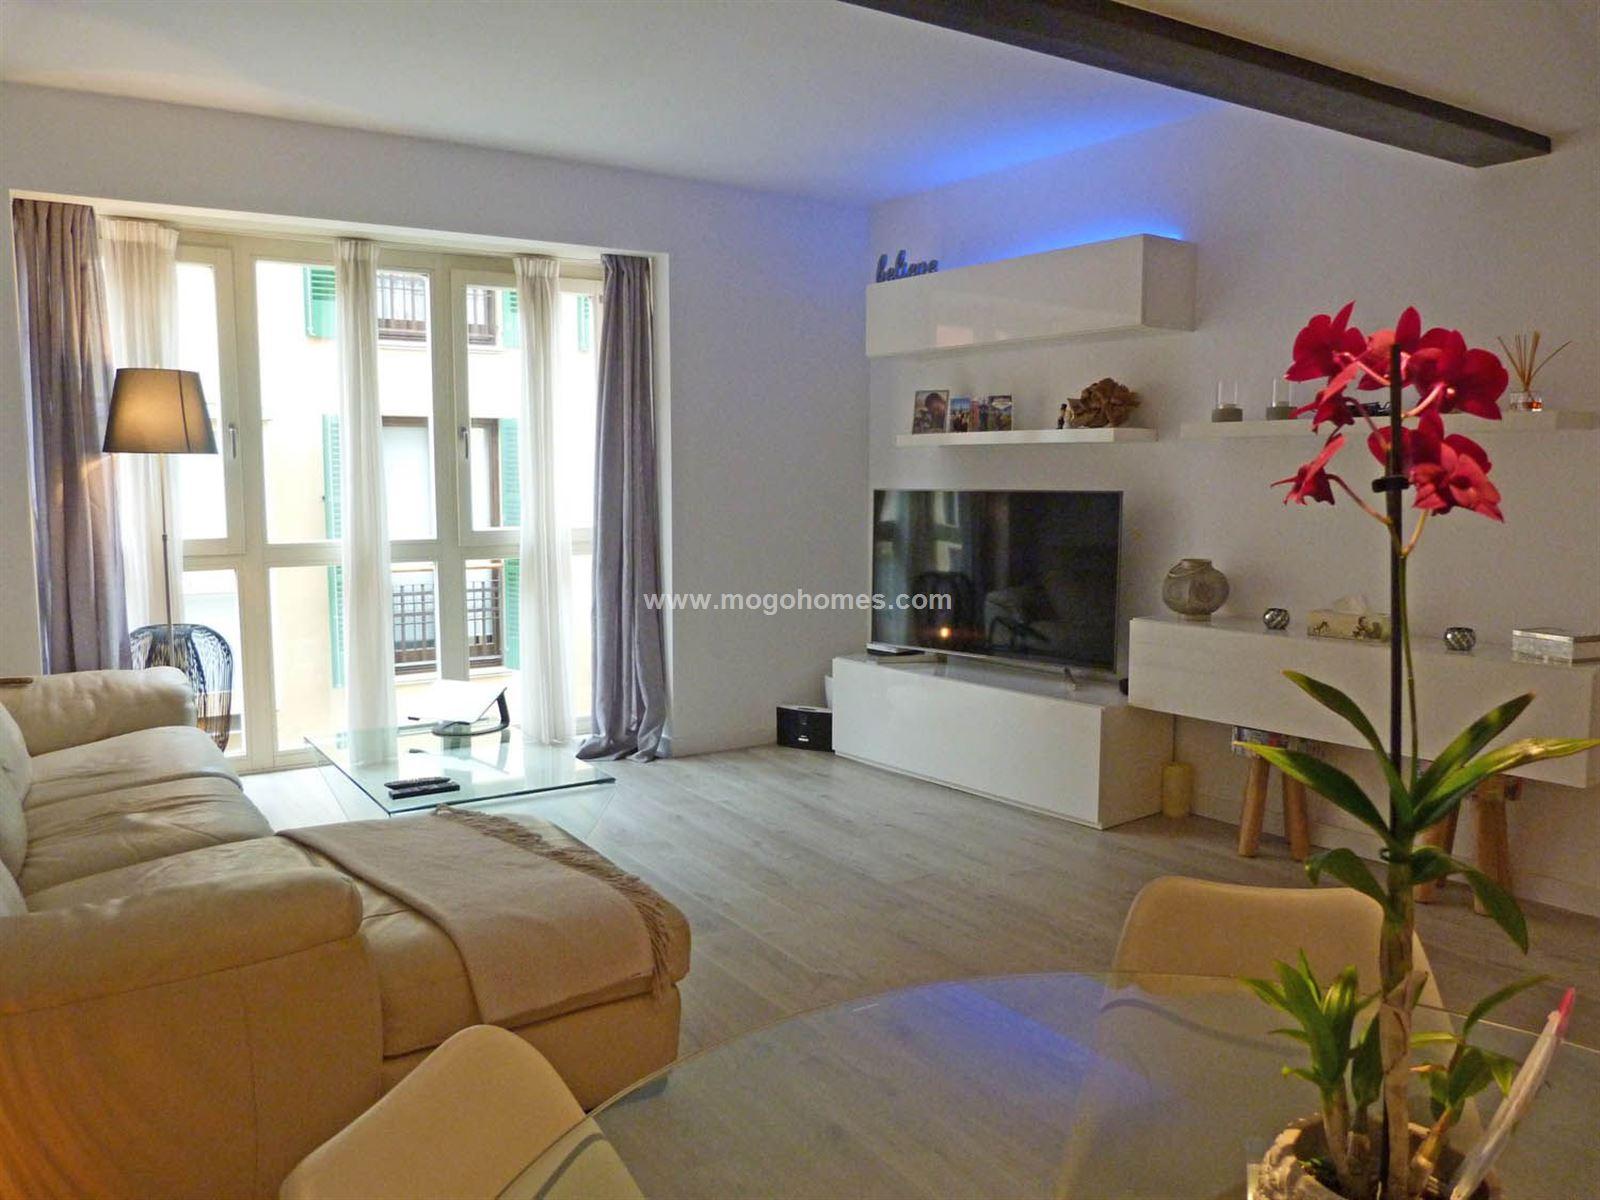 Piso  Palma de mallorca - centro. Luminoso y moderno piso en barrio de sa gerreria